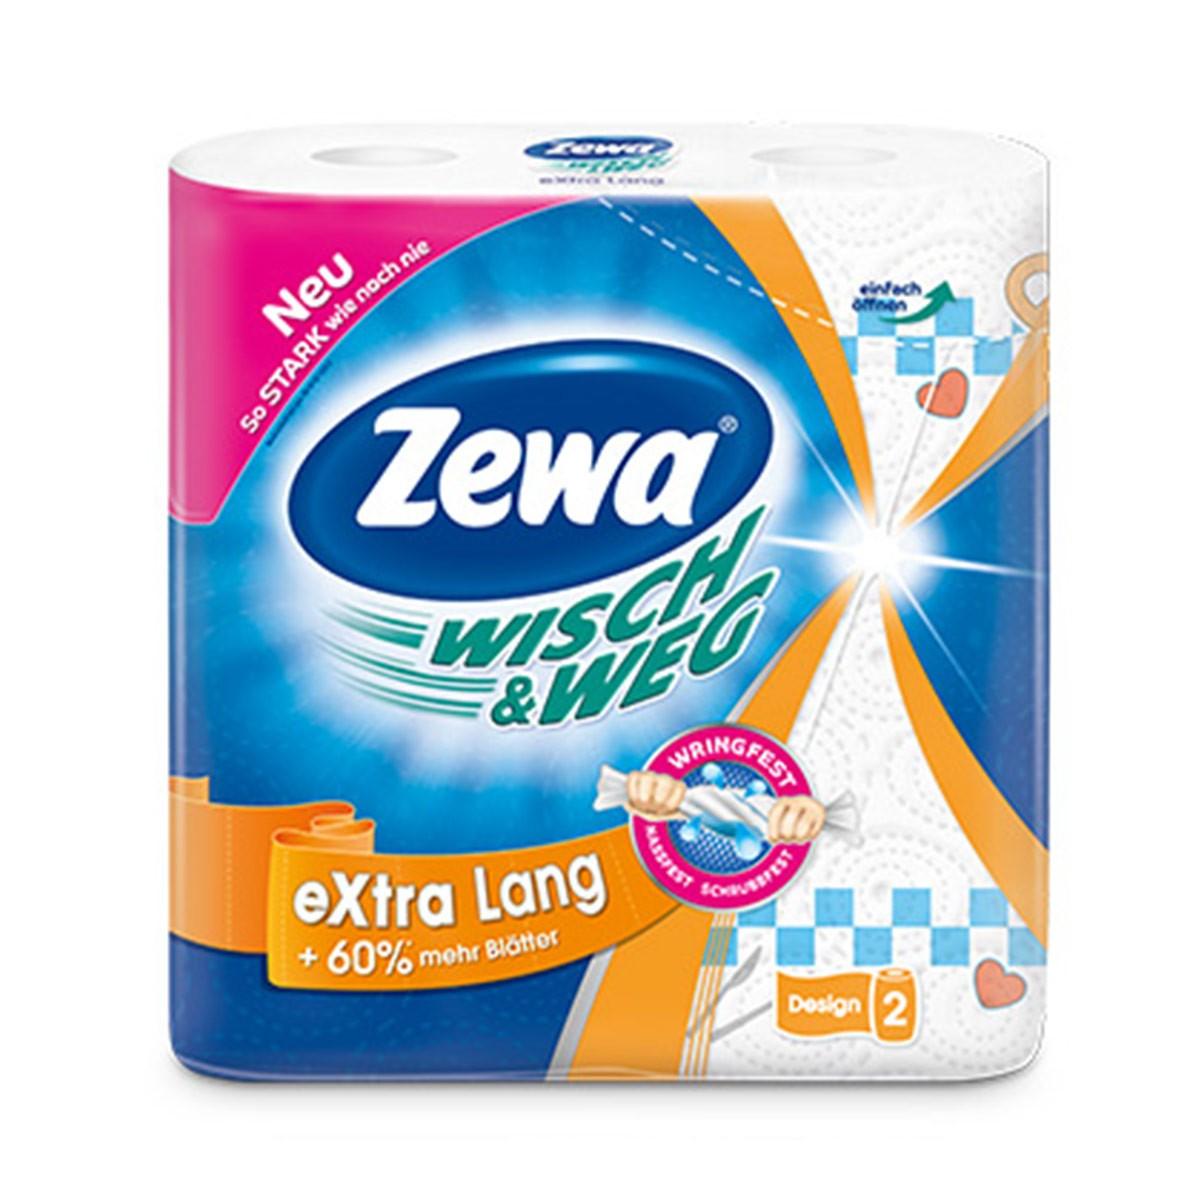 Бумажные полотенца Zewa Wish & Weg, двухслойные, 2 рулонаSVC-300Бумажные полотенца с рисунком от ZEWA – это яркий стиль жизни. Два плотных слоя прочных полотенец обеспечивают легкое удаление сухих и влажных загрязнений. Благодаря красочному дизайну они поднимают настроение и украшают ваш дом.Белые двухслойные прочные бумажные полотенца с цветным рисунком. 2 рулона в упаковке. Состав: целлюлоза.